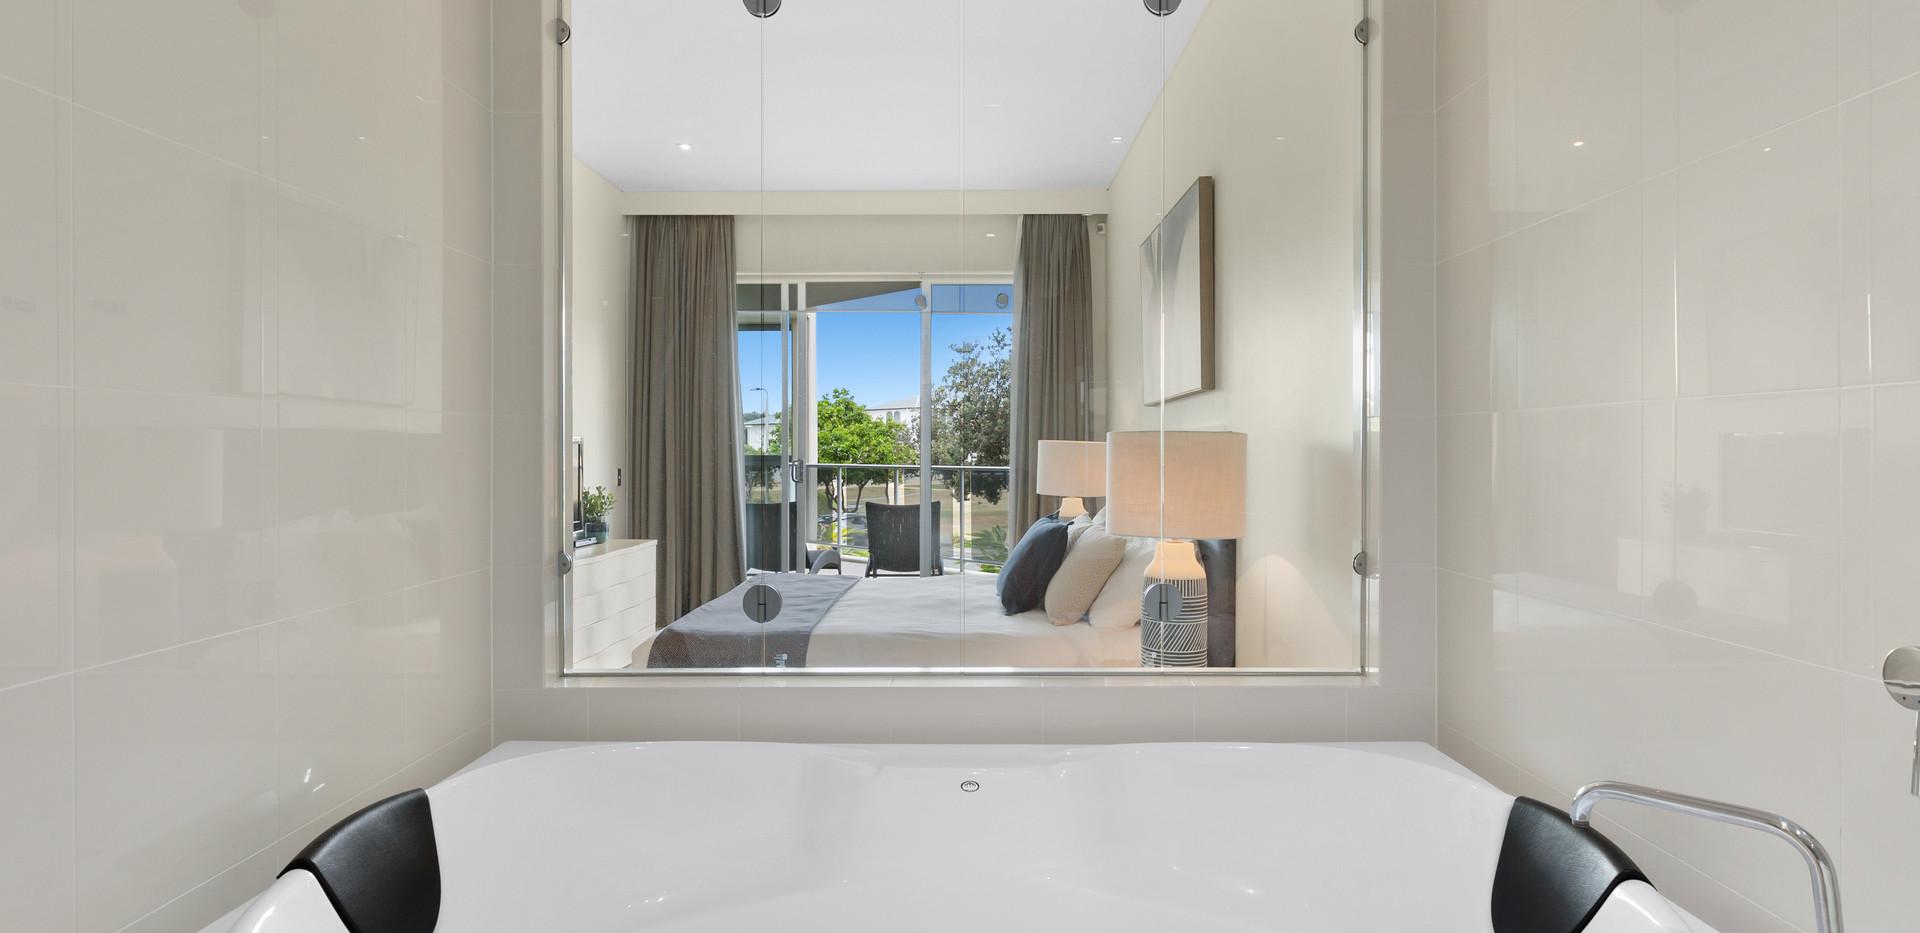 Spa Bath in Ensuite Bathroom